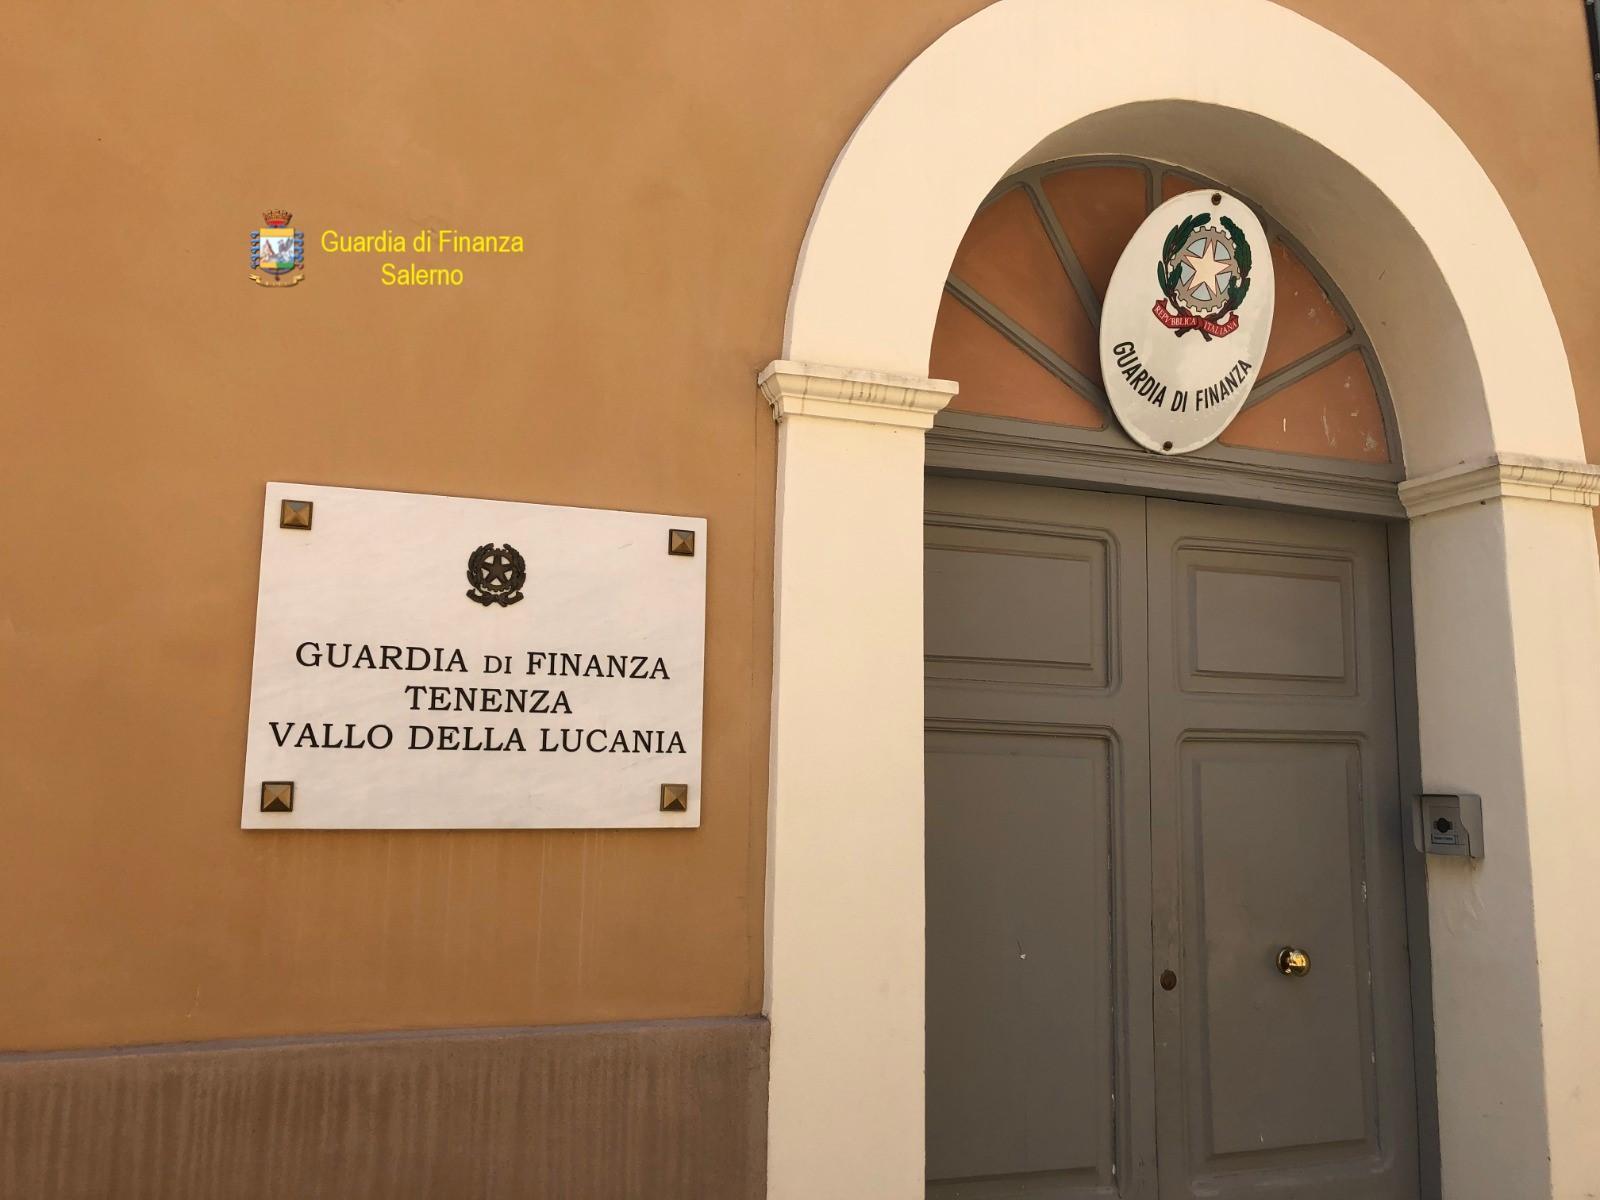 Guardia di Finanza Vallo della Lucania